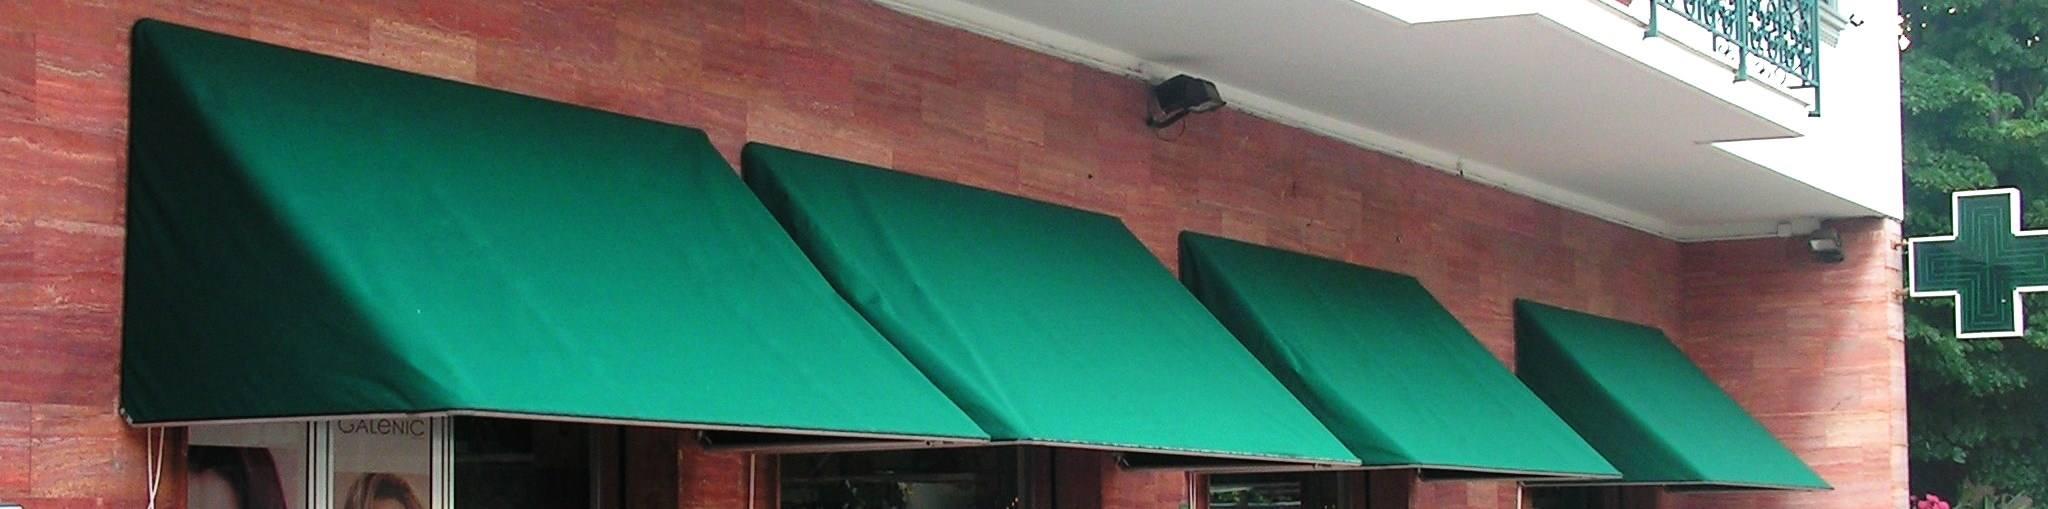 cappottine rigide color verde bandiera a Marina di Cecina